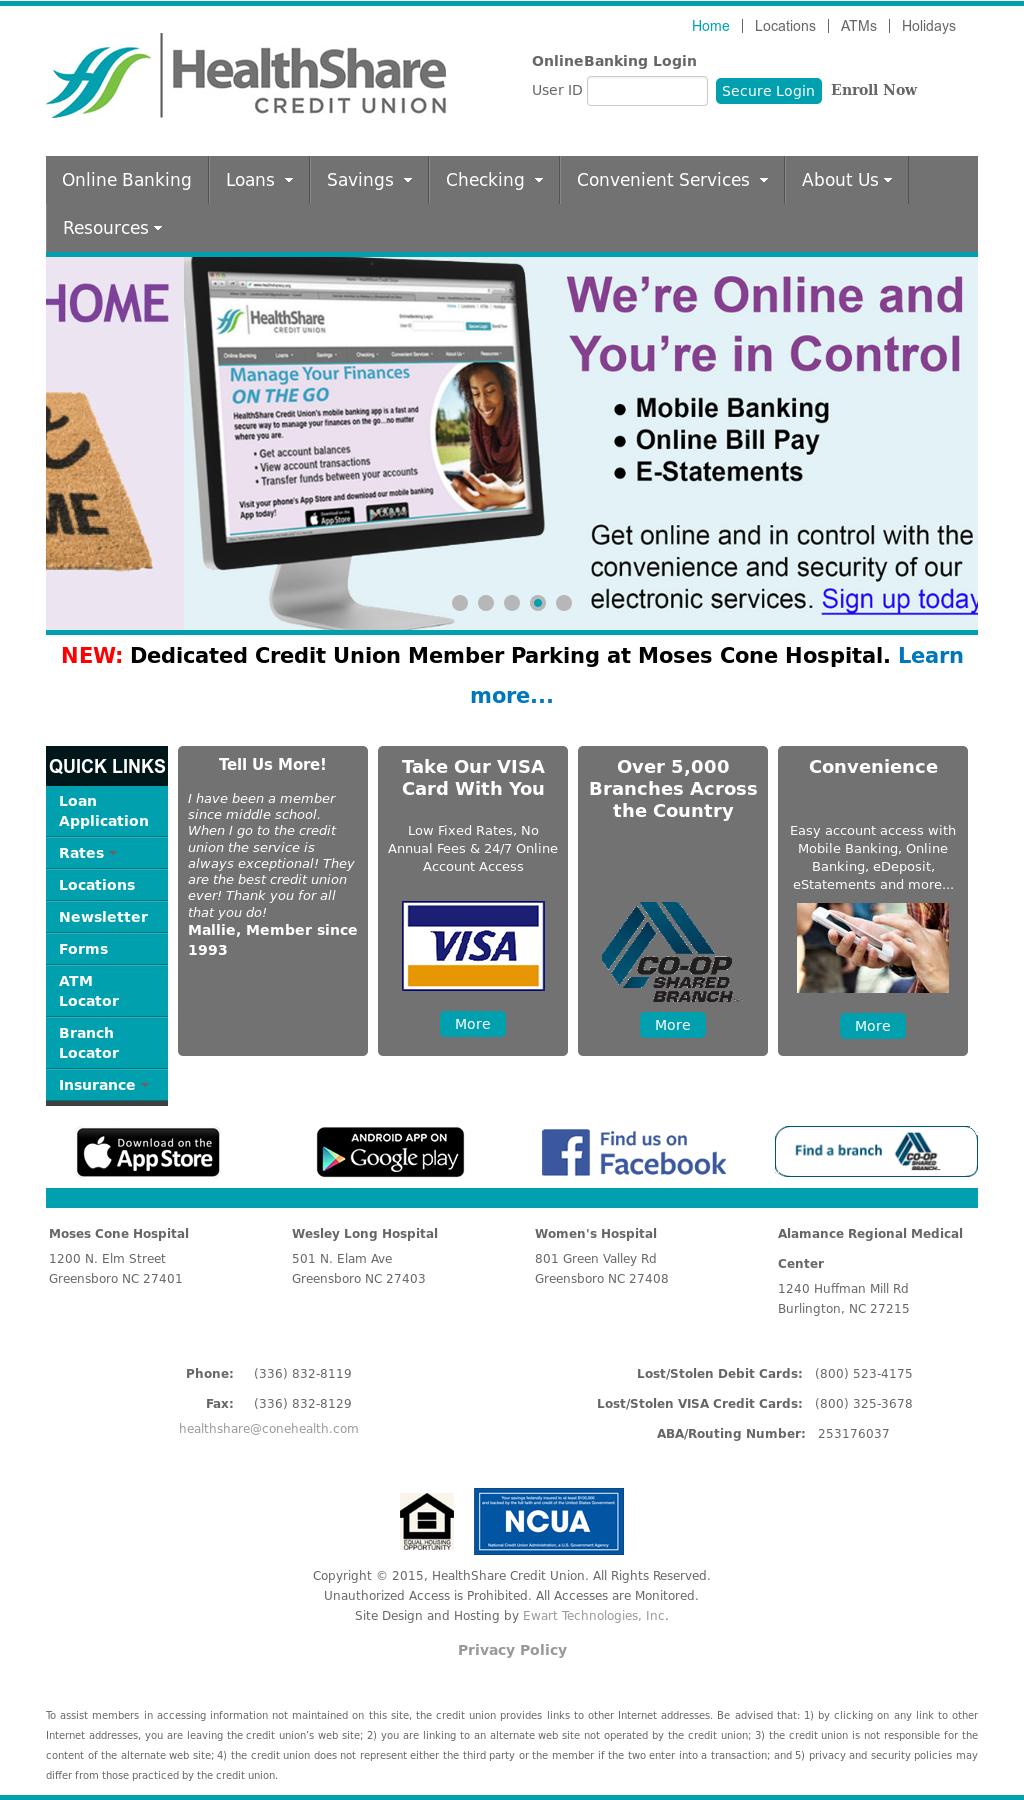 ghccu Ghccu Competitors, Revenue and Employees - Owler Company Profile